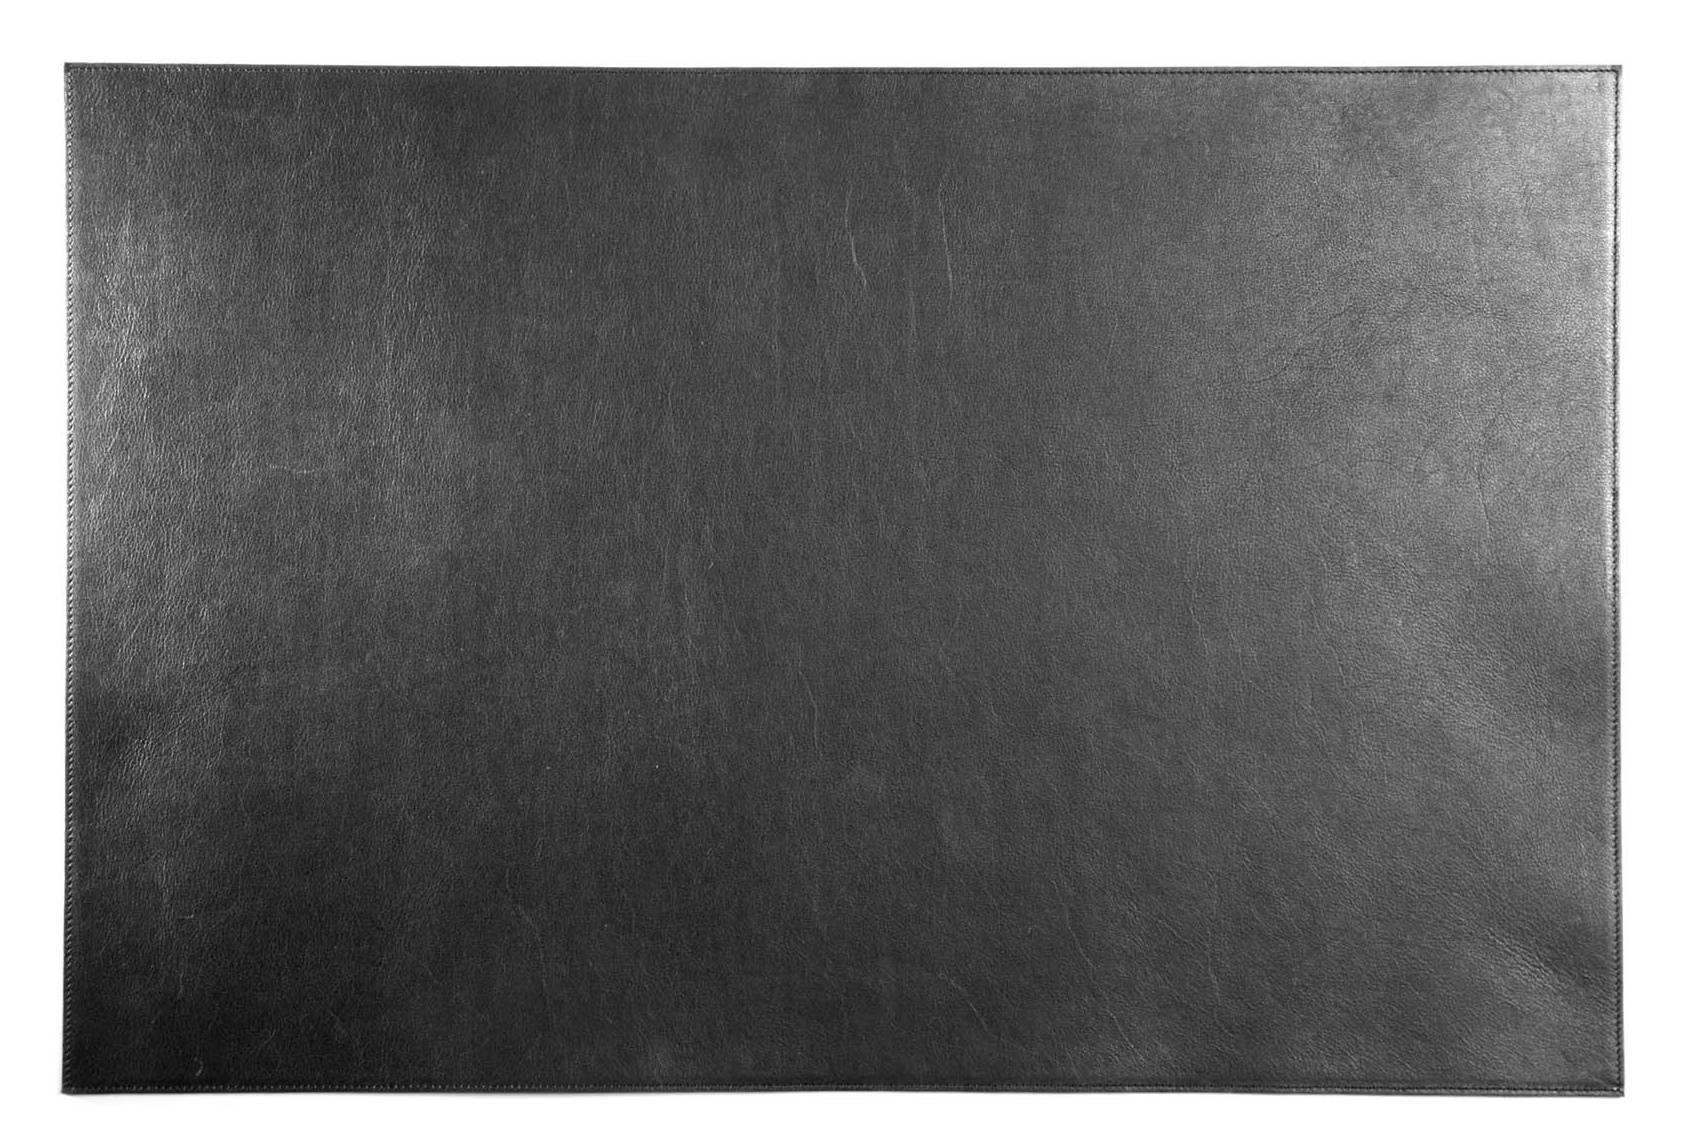 Настольное покрытие Durable 7304-01 черный - фото 2